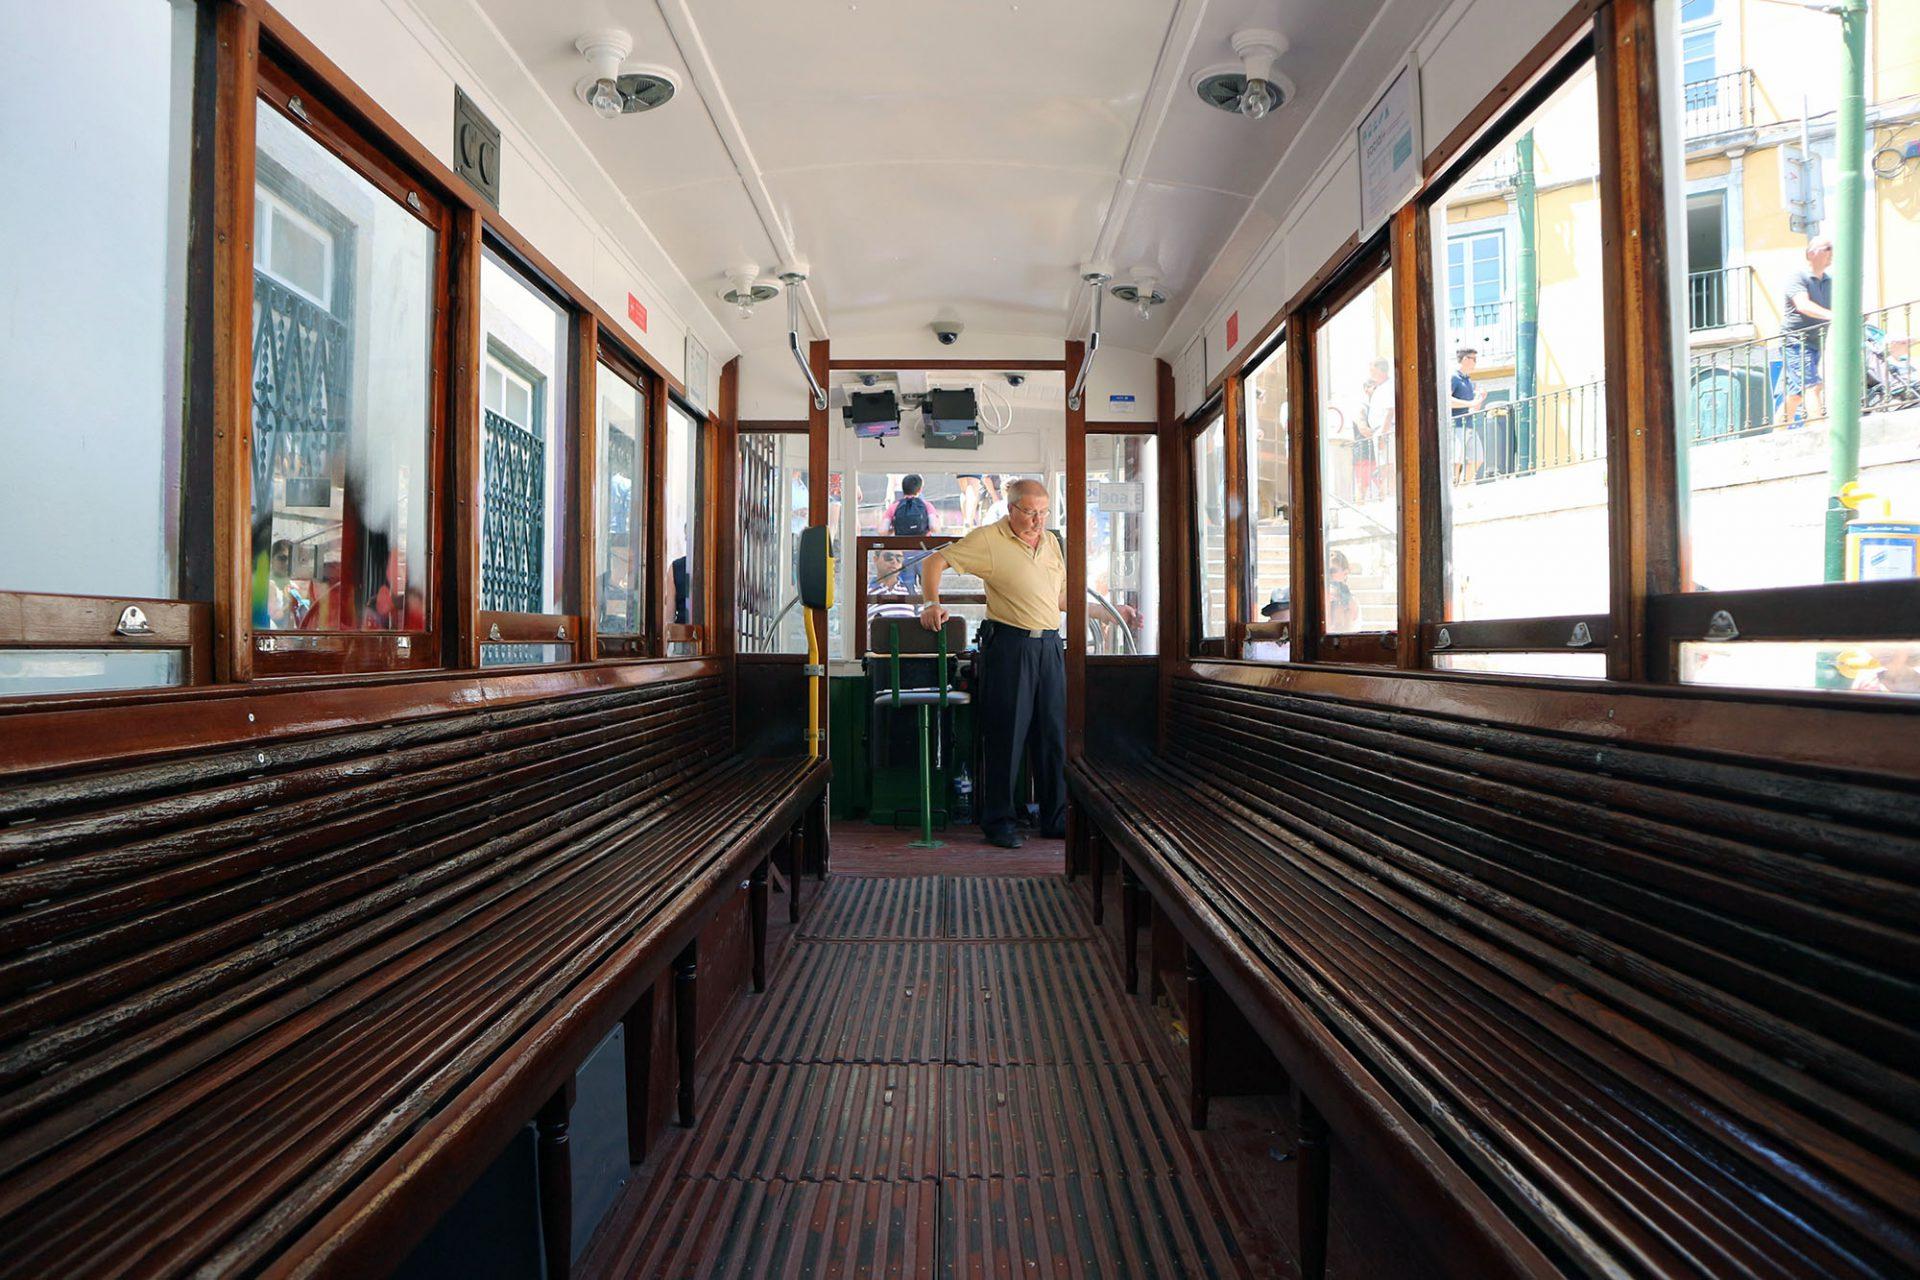 Ascensor da Gloria. Zwei lange Holzbänke bekleiden die inneren Außenwände der Bahn.